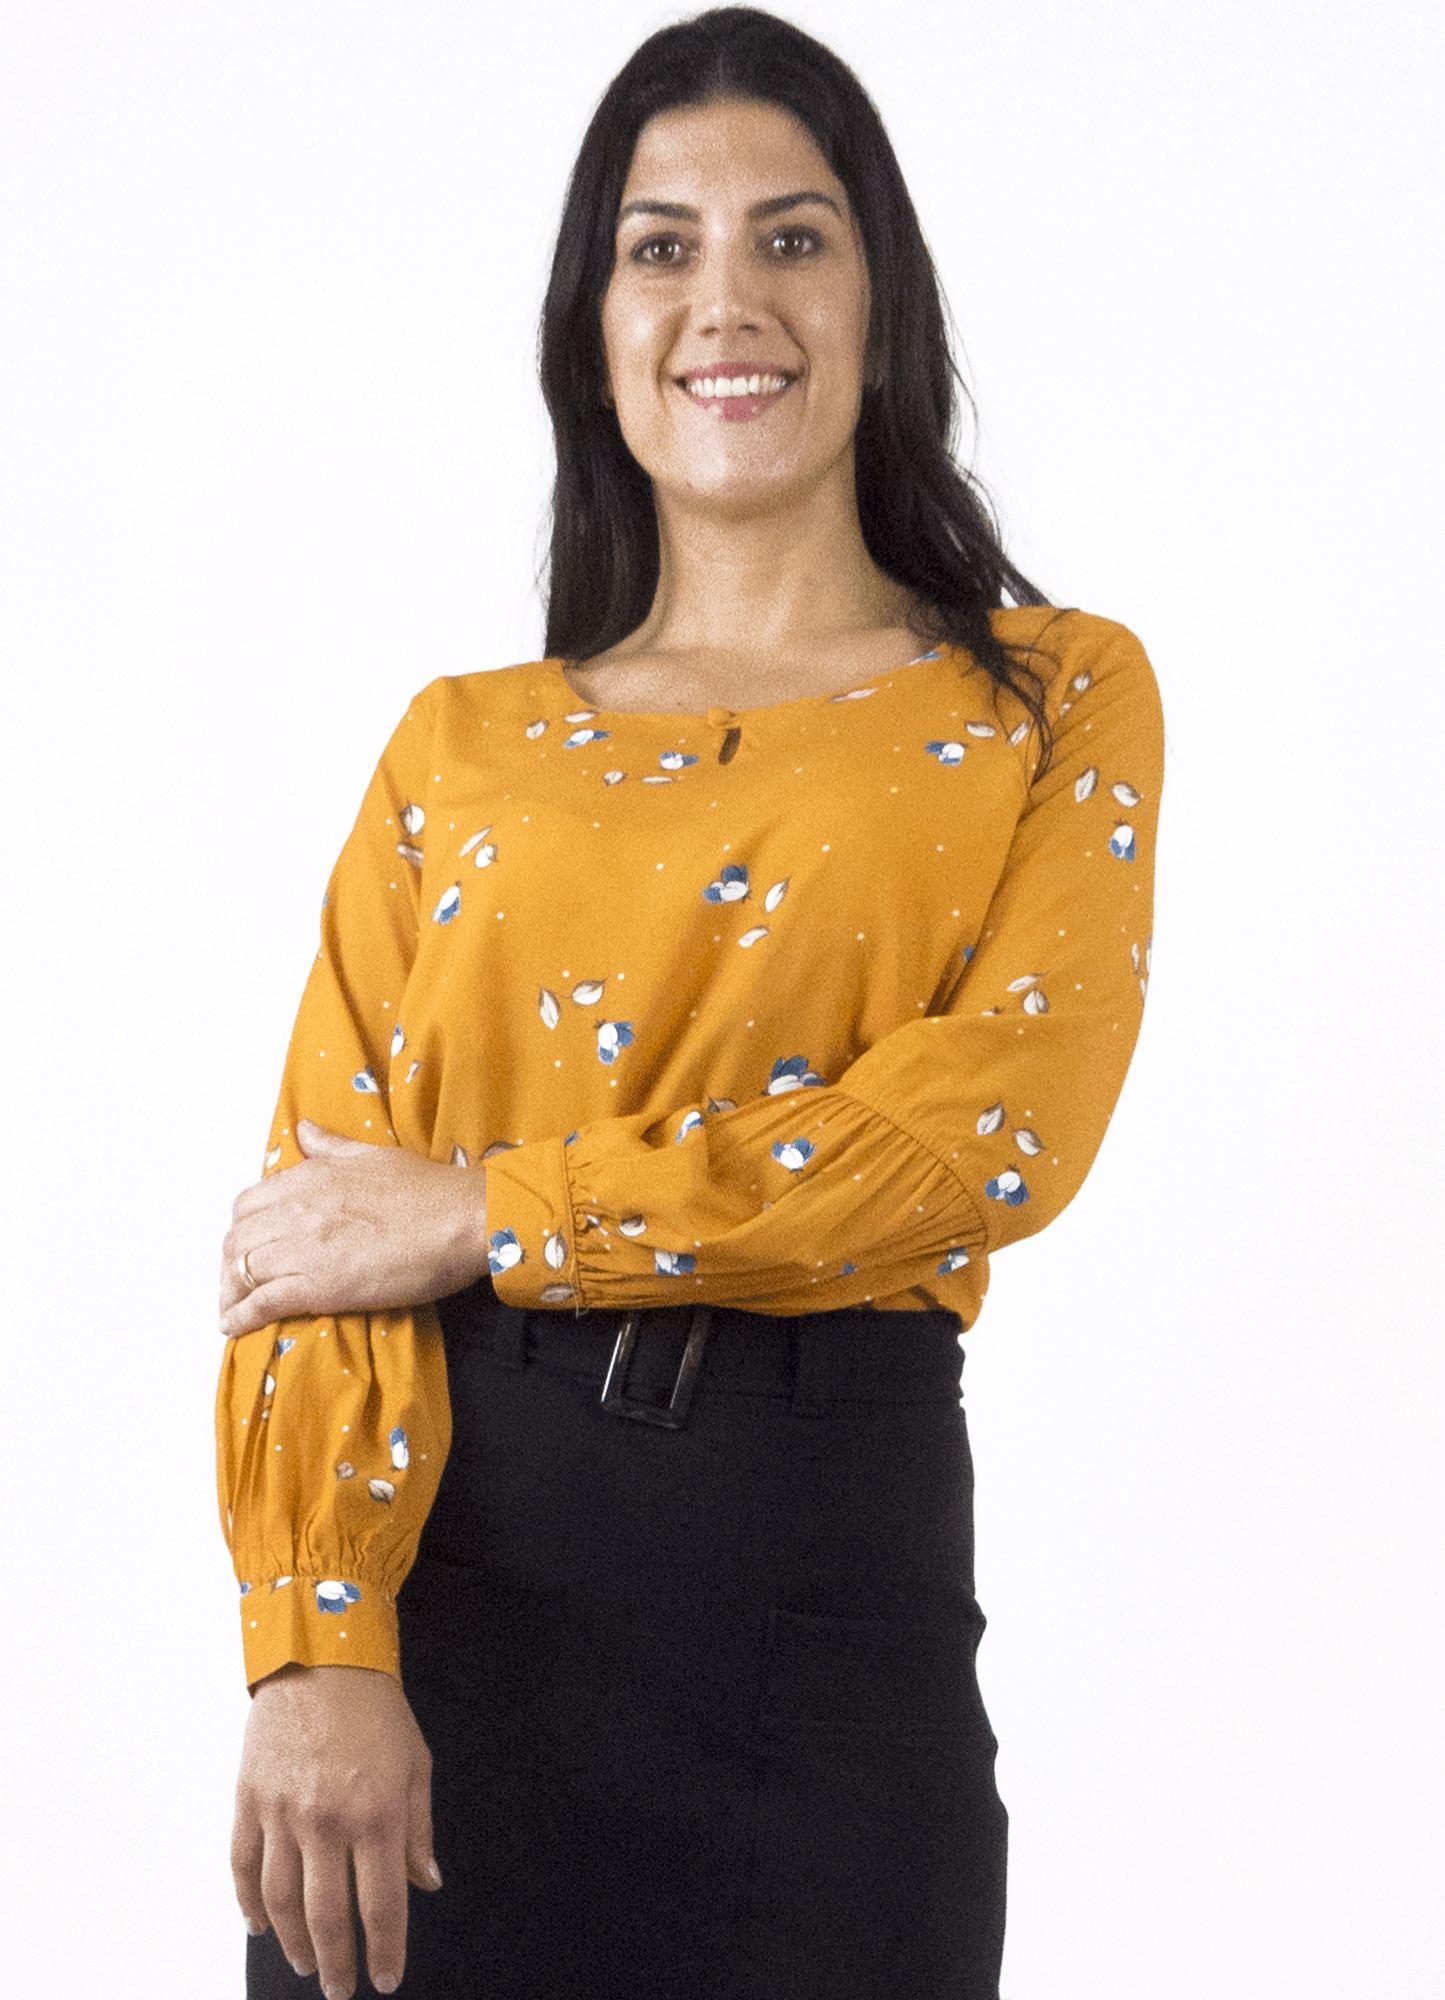 Blusa Feminina Plus Size Viscose Amarela com Estampa com Recorte Franzido na Manga